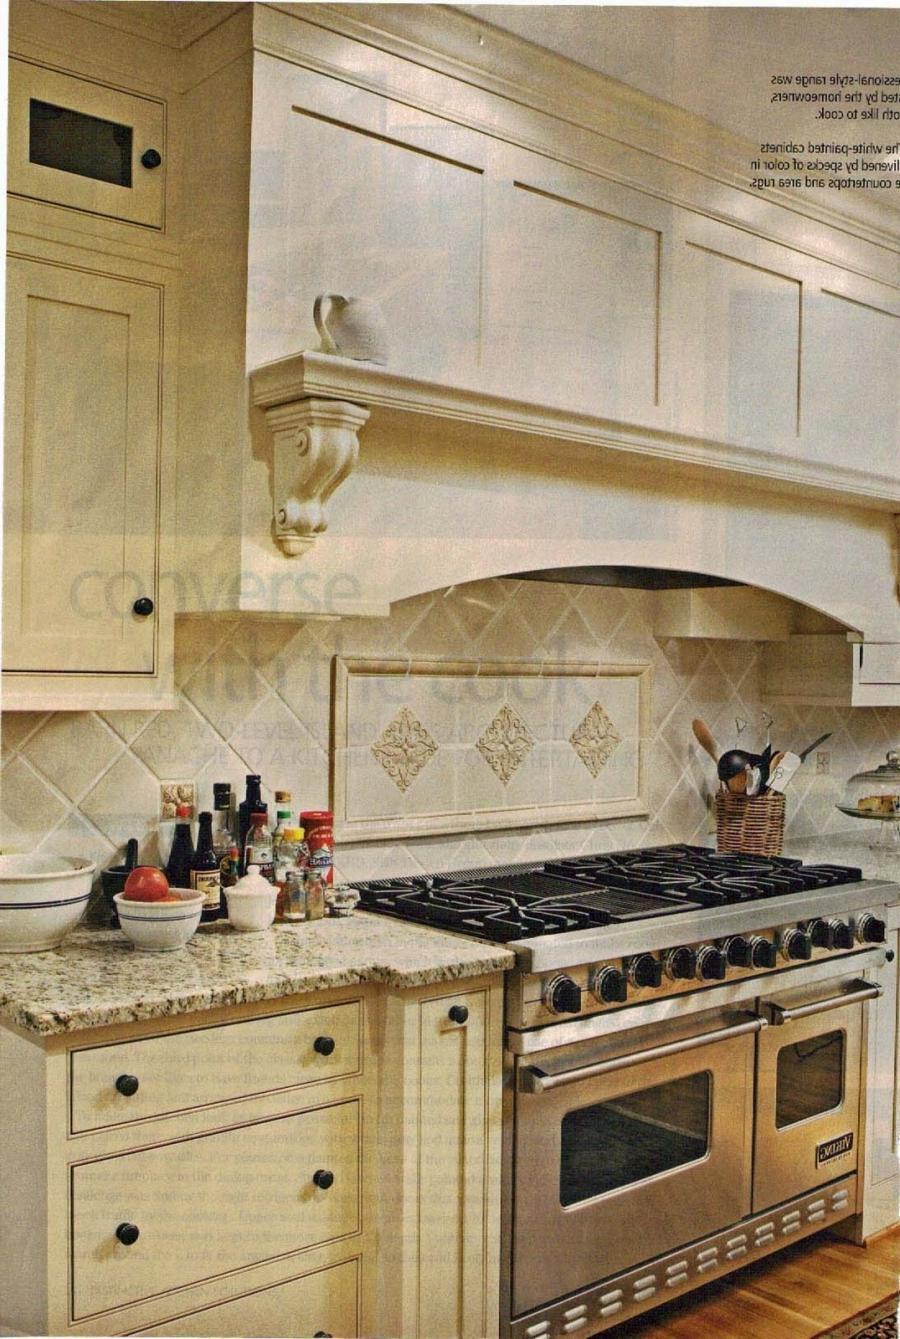 Kitchen Backsplash Ideas With Cream Cabinets: Photos Of Kitchens With Cream Cabinets